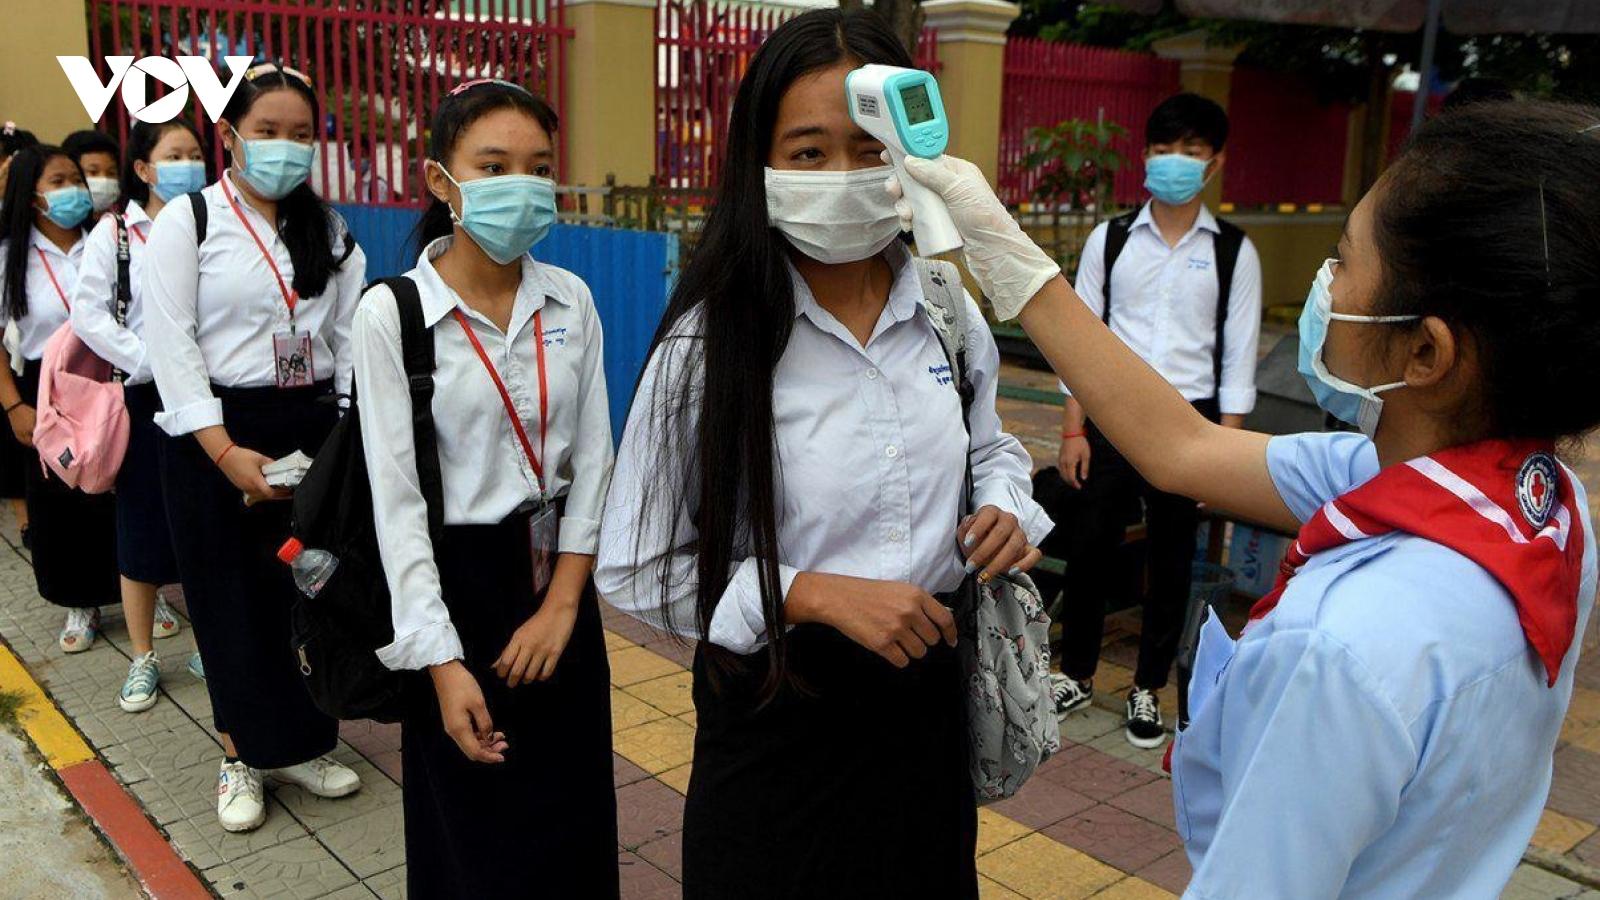 Số ca mắc Covid-19 tăng trở lại khi Campuchia ra quyết định cho phép học sinh tới trường